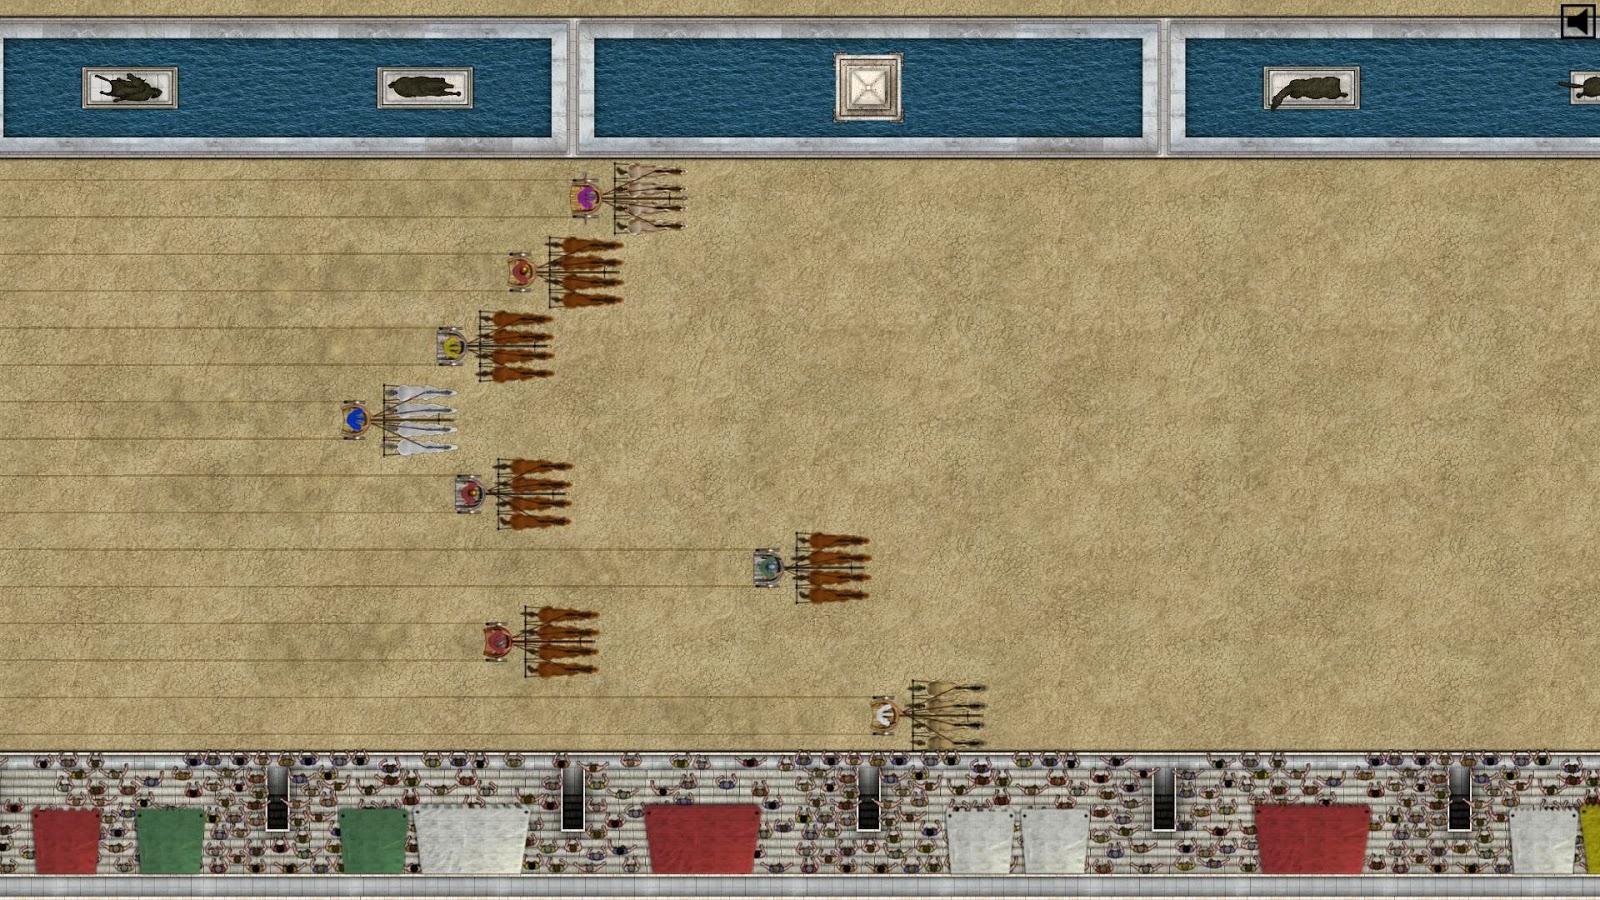 Qvadriga screenshots